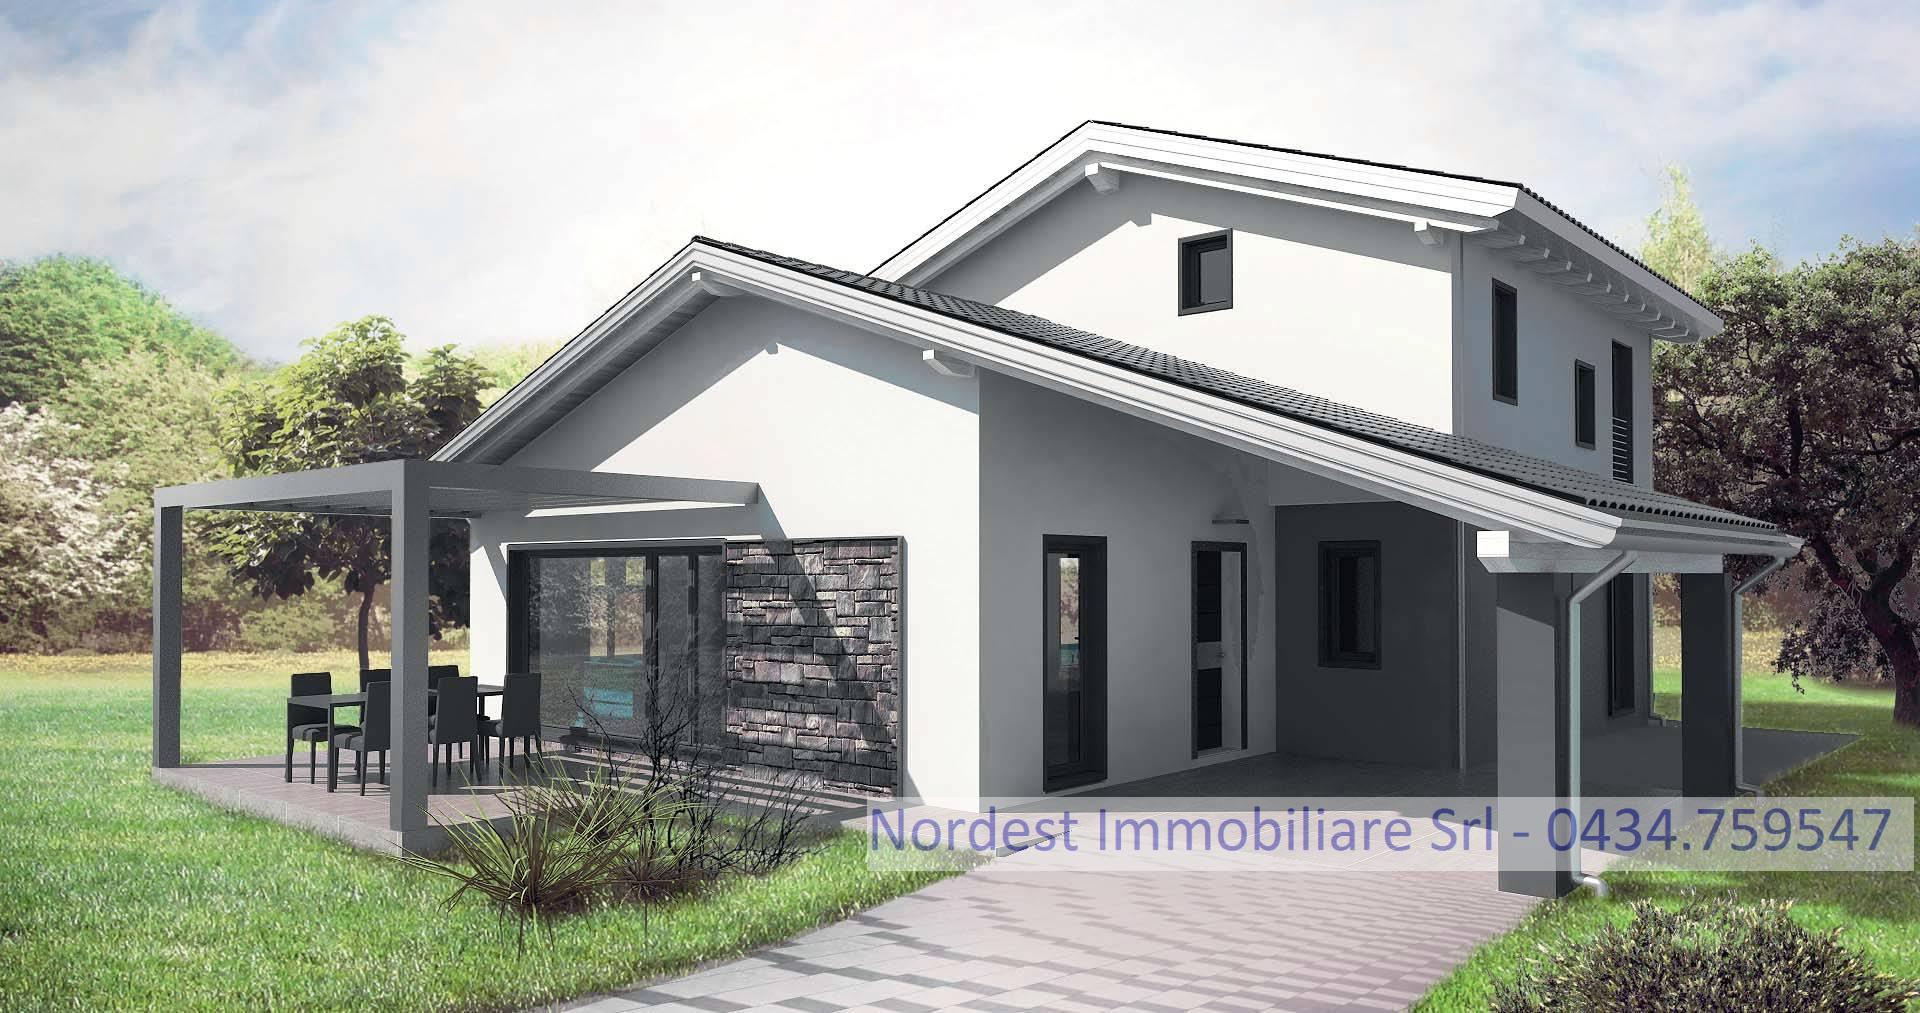 Soluzione Indipendente in vendita a Gosaldo, 6 locali, prezzo € 160.000 | CambioCasa.it